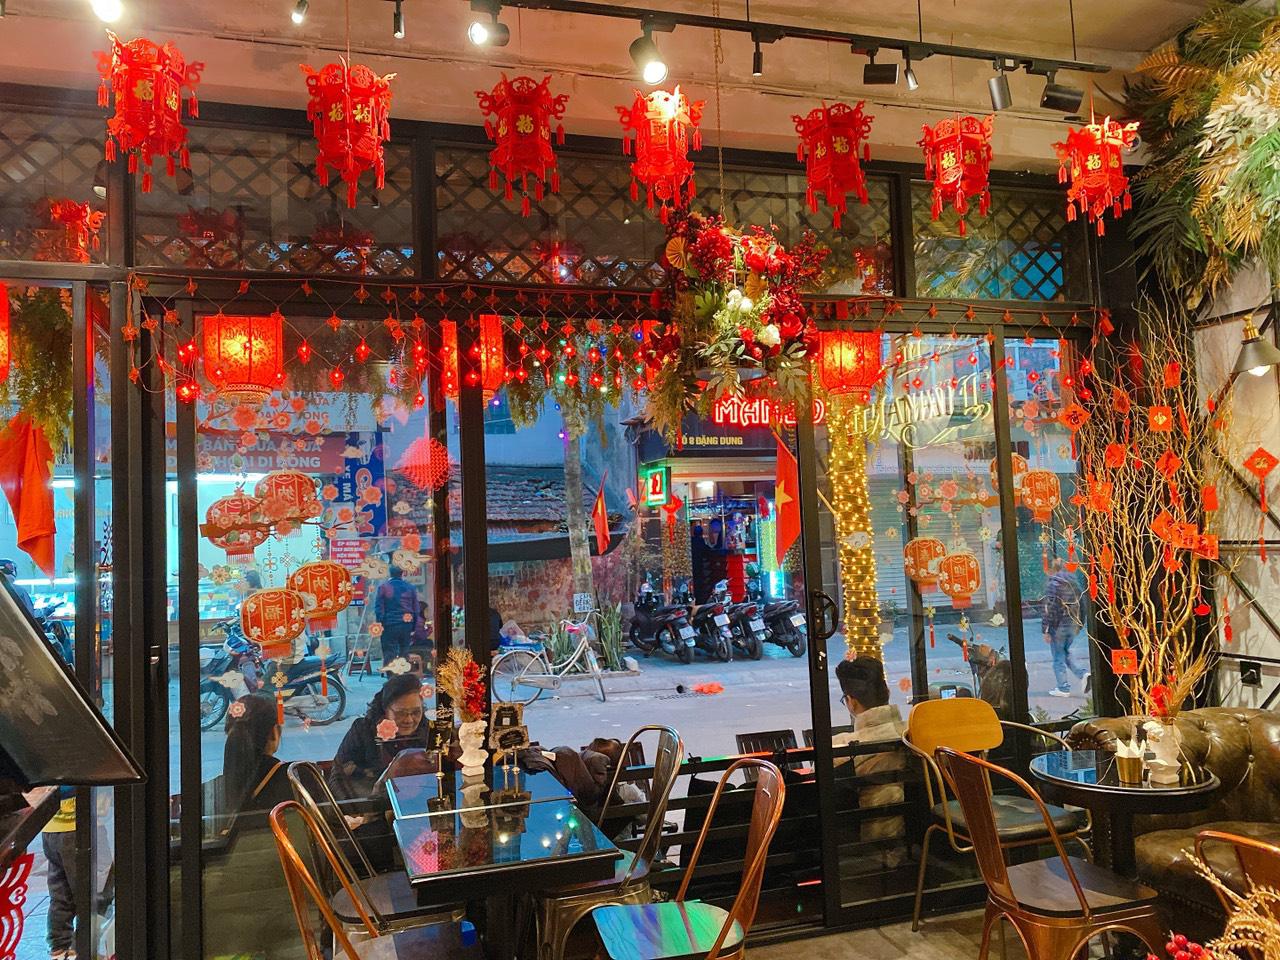 Top những quán cà phê view đẹp ở Hà Nội - Ảnh 10.